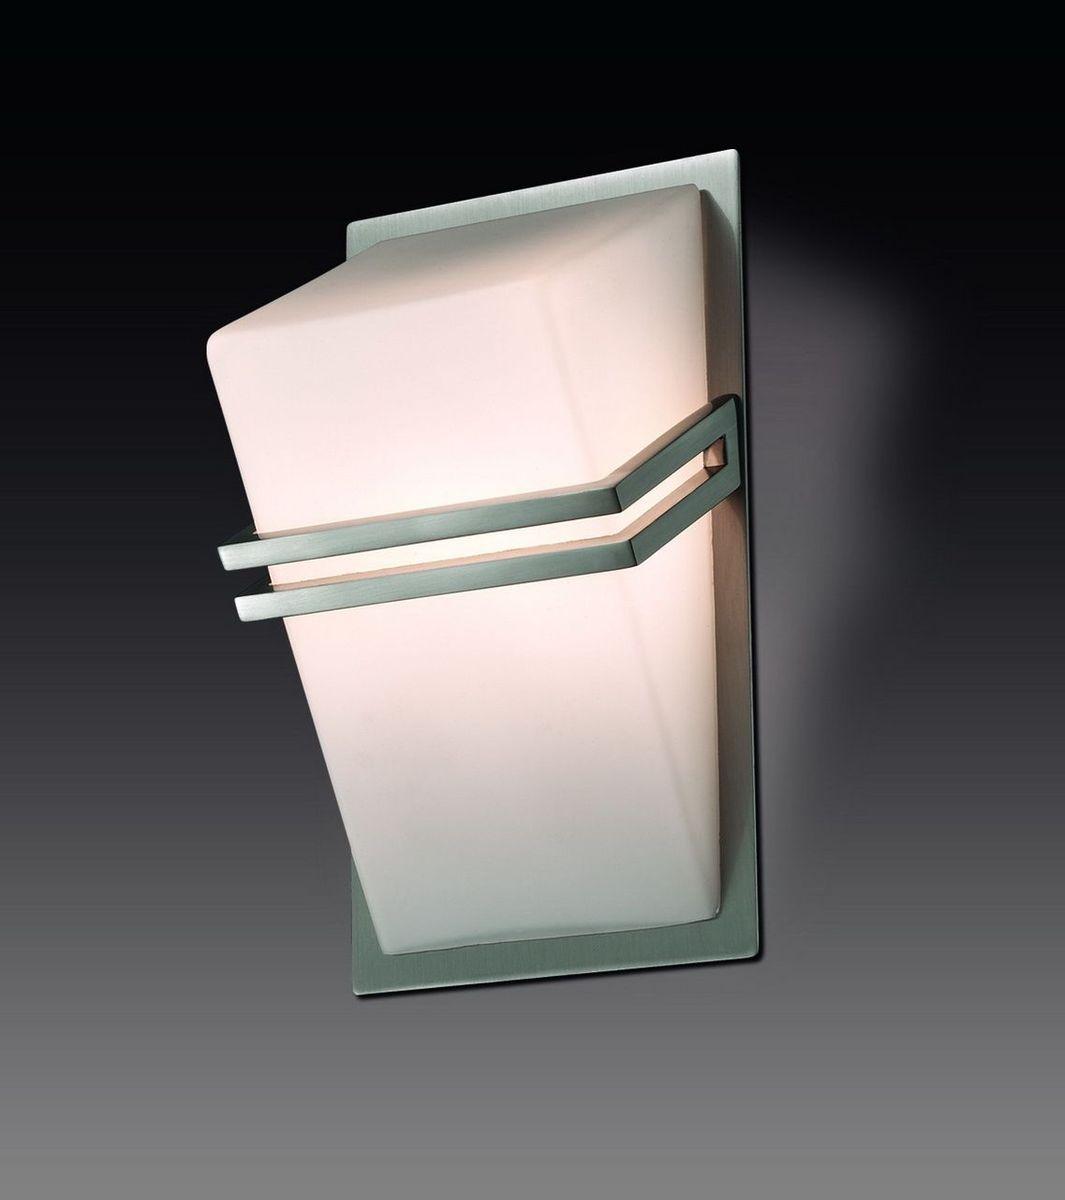 Светильник настенный Odeon Light Tiara, 1 х G9, 40W. 2025/1W2025/1W